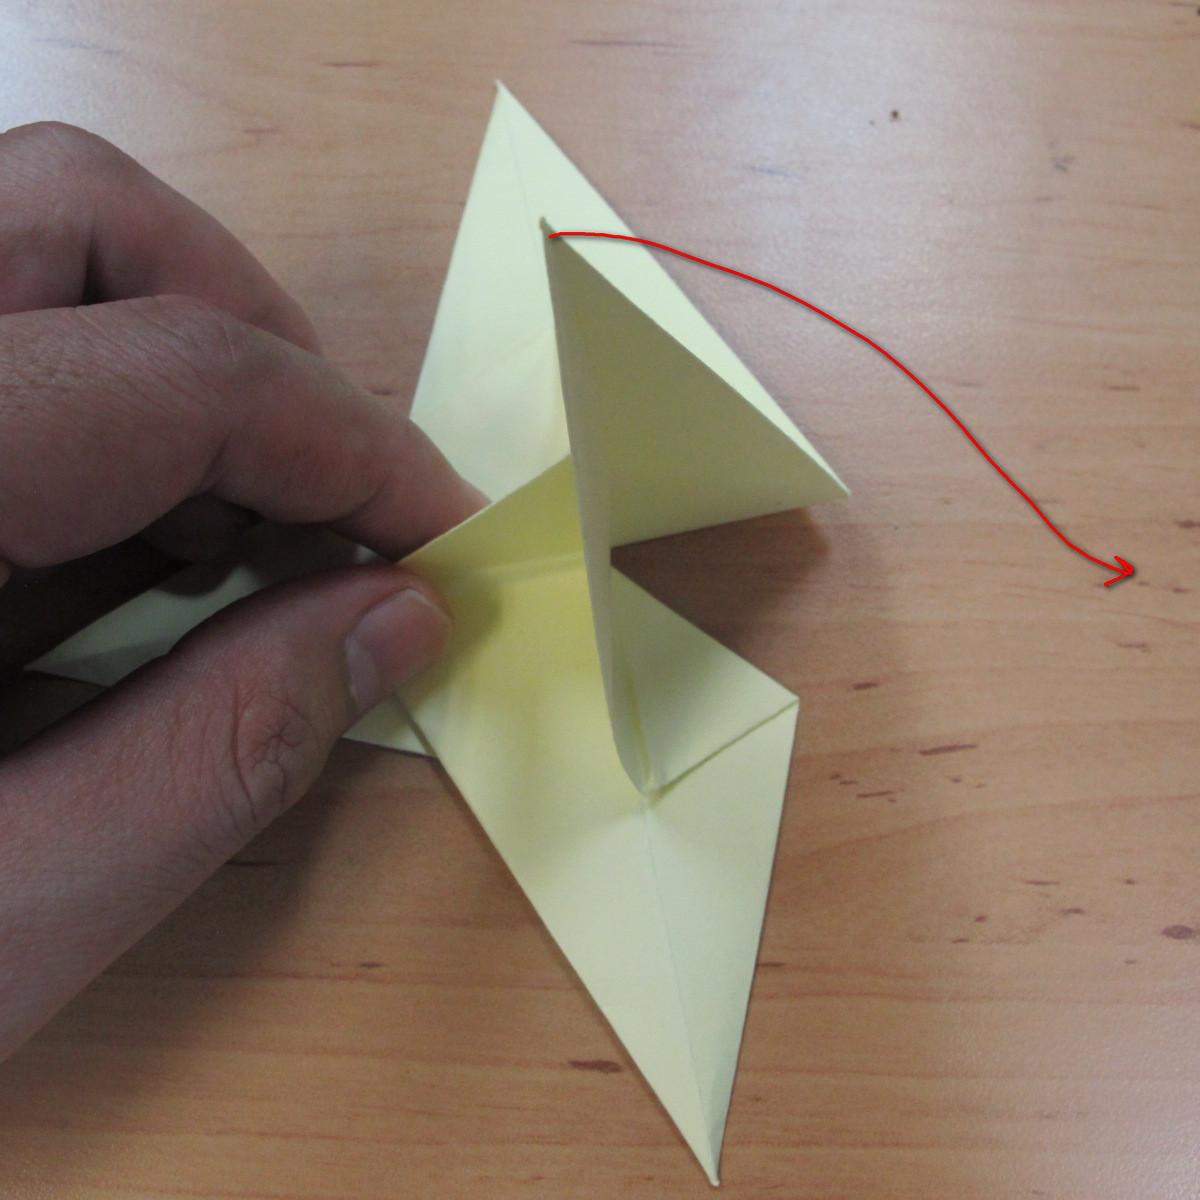 วิธีพับกระดาษเป็นดอกกุหลายแบบเกลียว 027